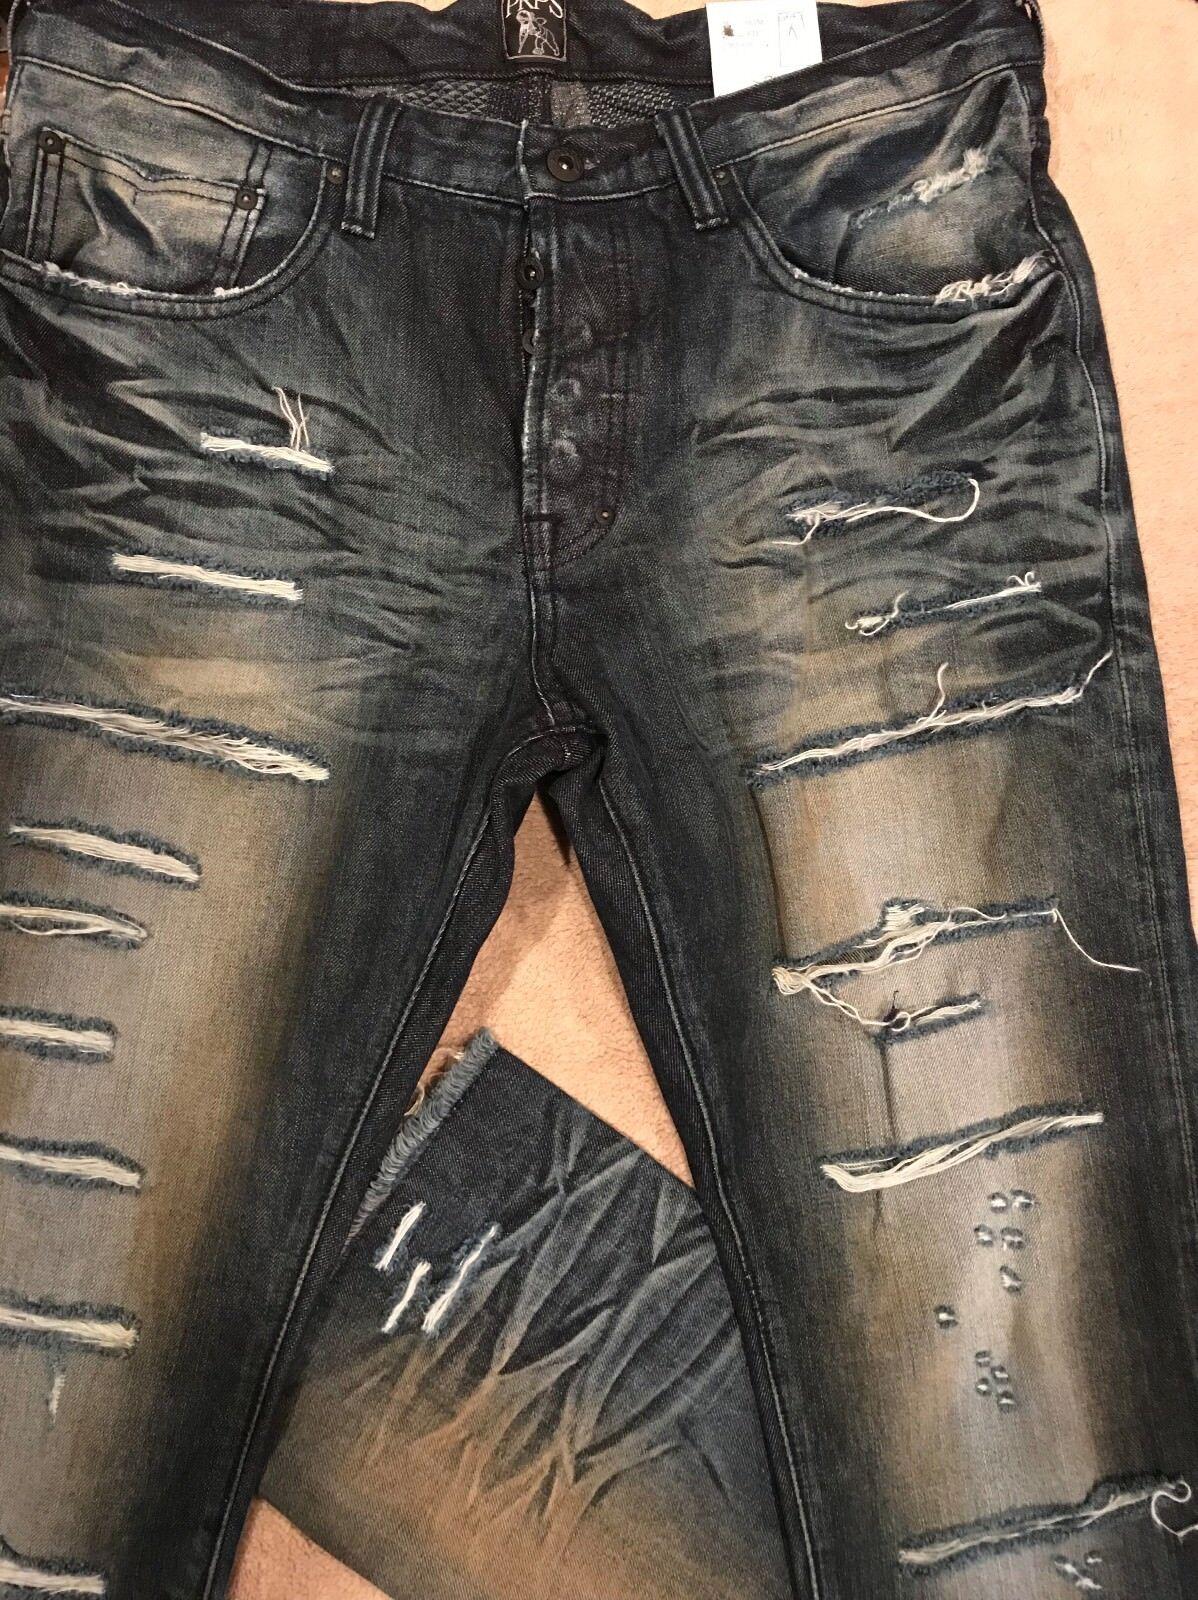 PRPS GOODS CO DEMON Super Slashed Creased Destroyed SLIM Jeans 34 x 35 Orig